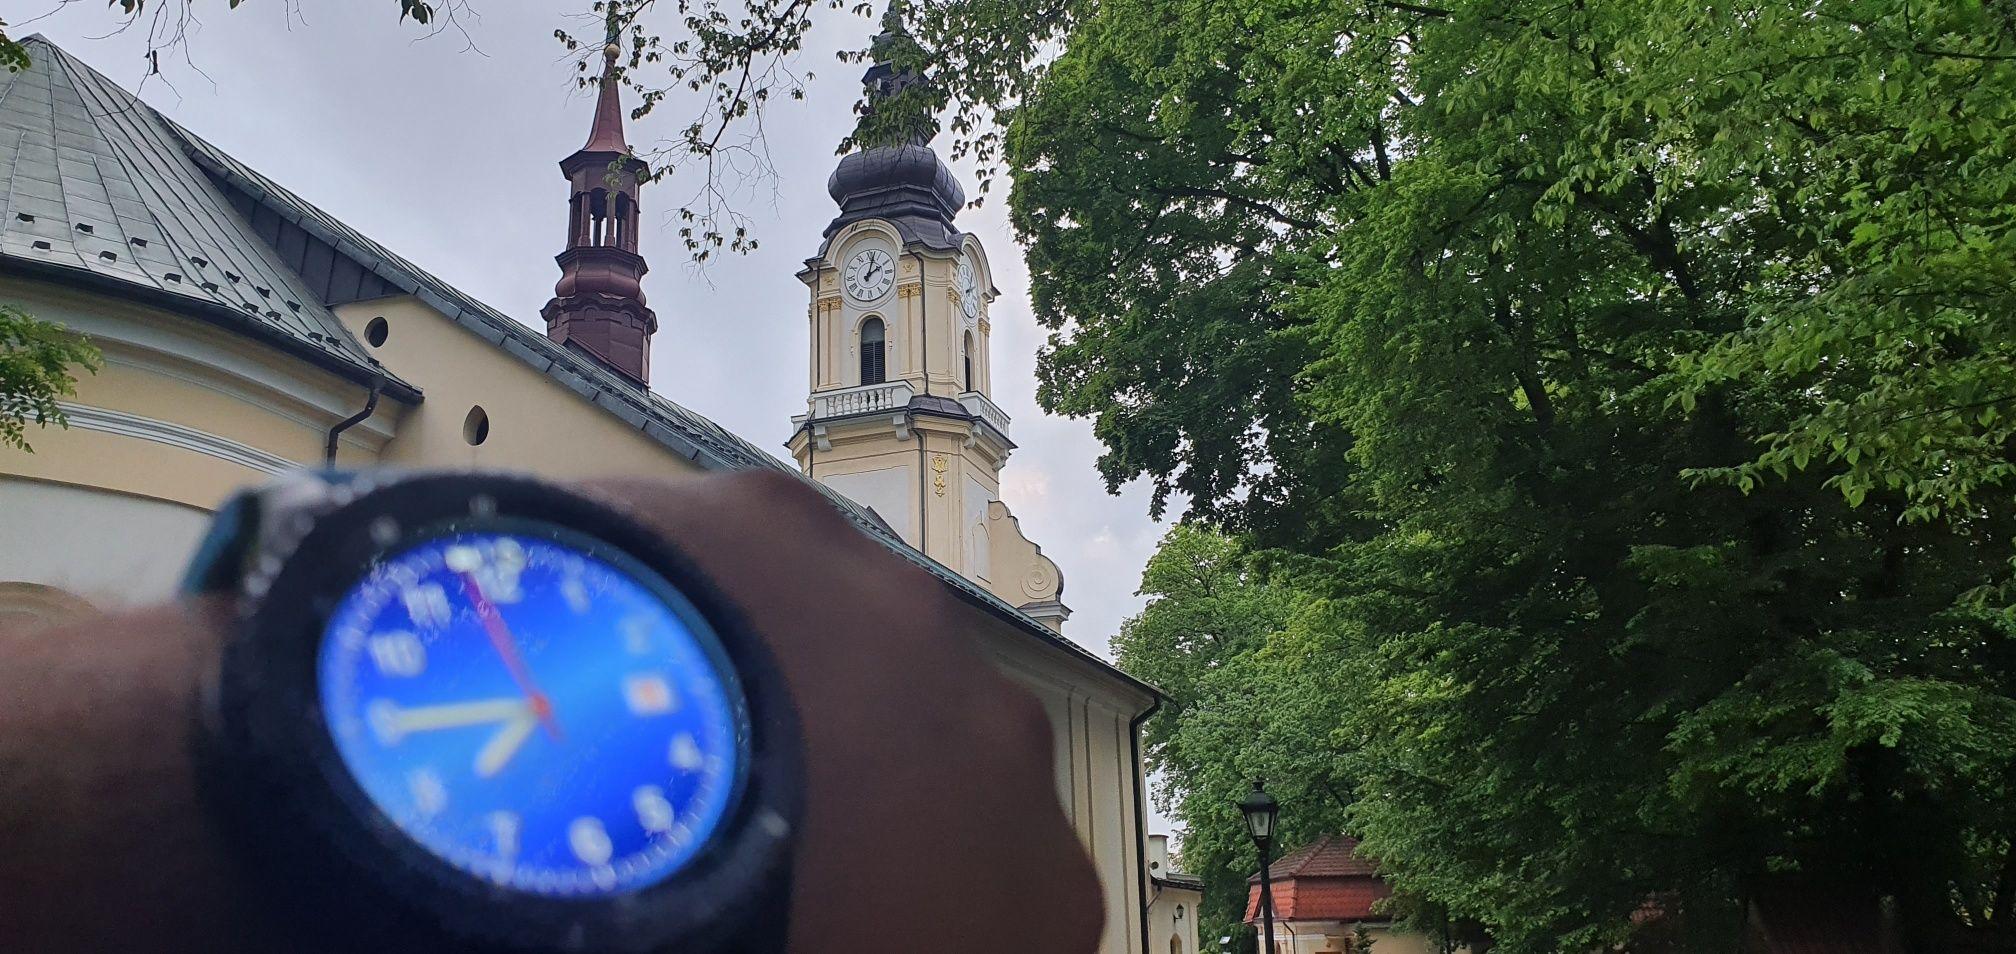 Awaria zegara na kościelnej wieży?